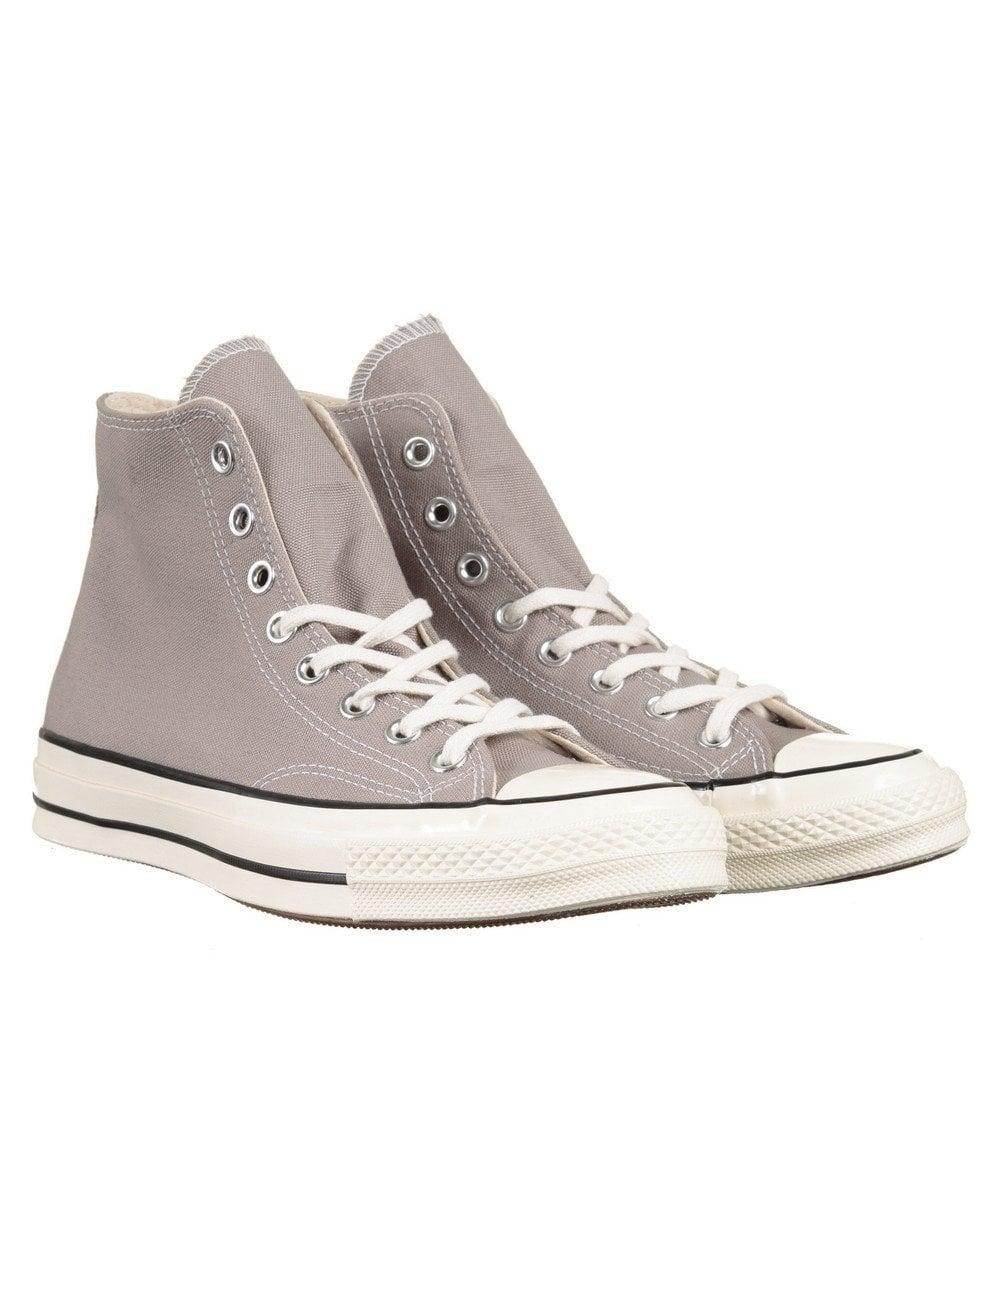 d14d6de67d39 Converse Chuck Taylor 70s Hi Boots - Wild Dove - Footwear from Fat ...